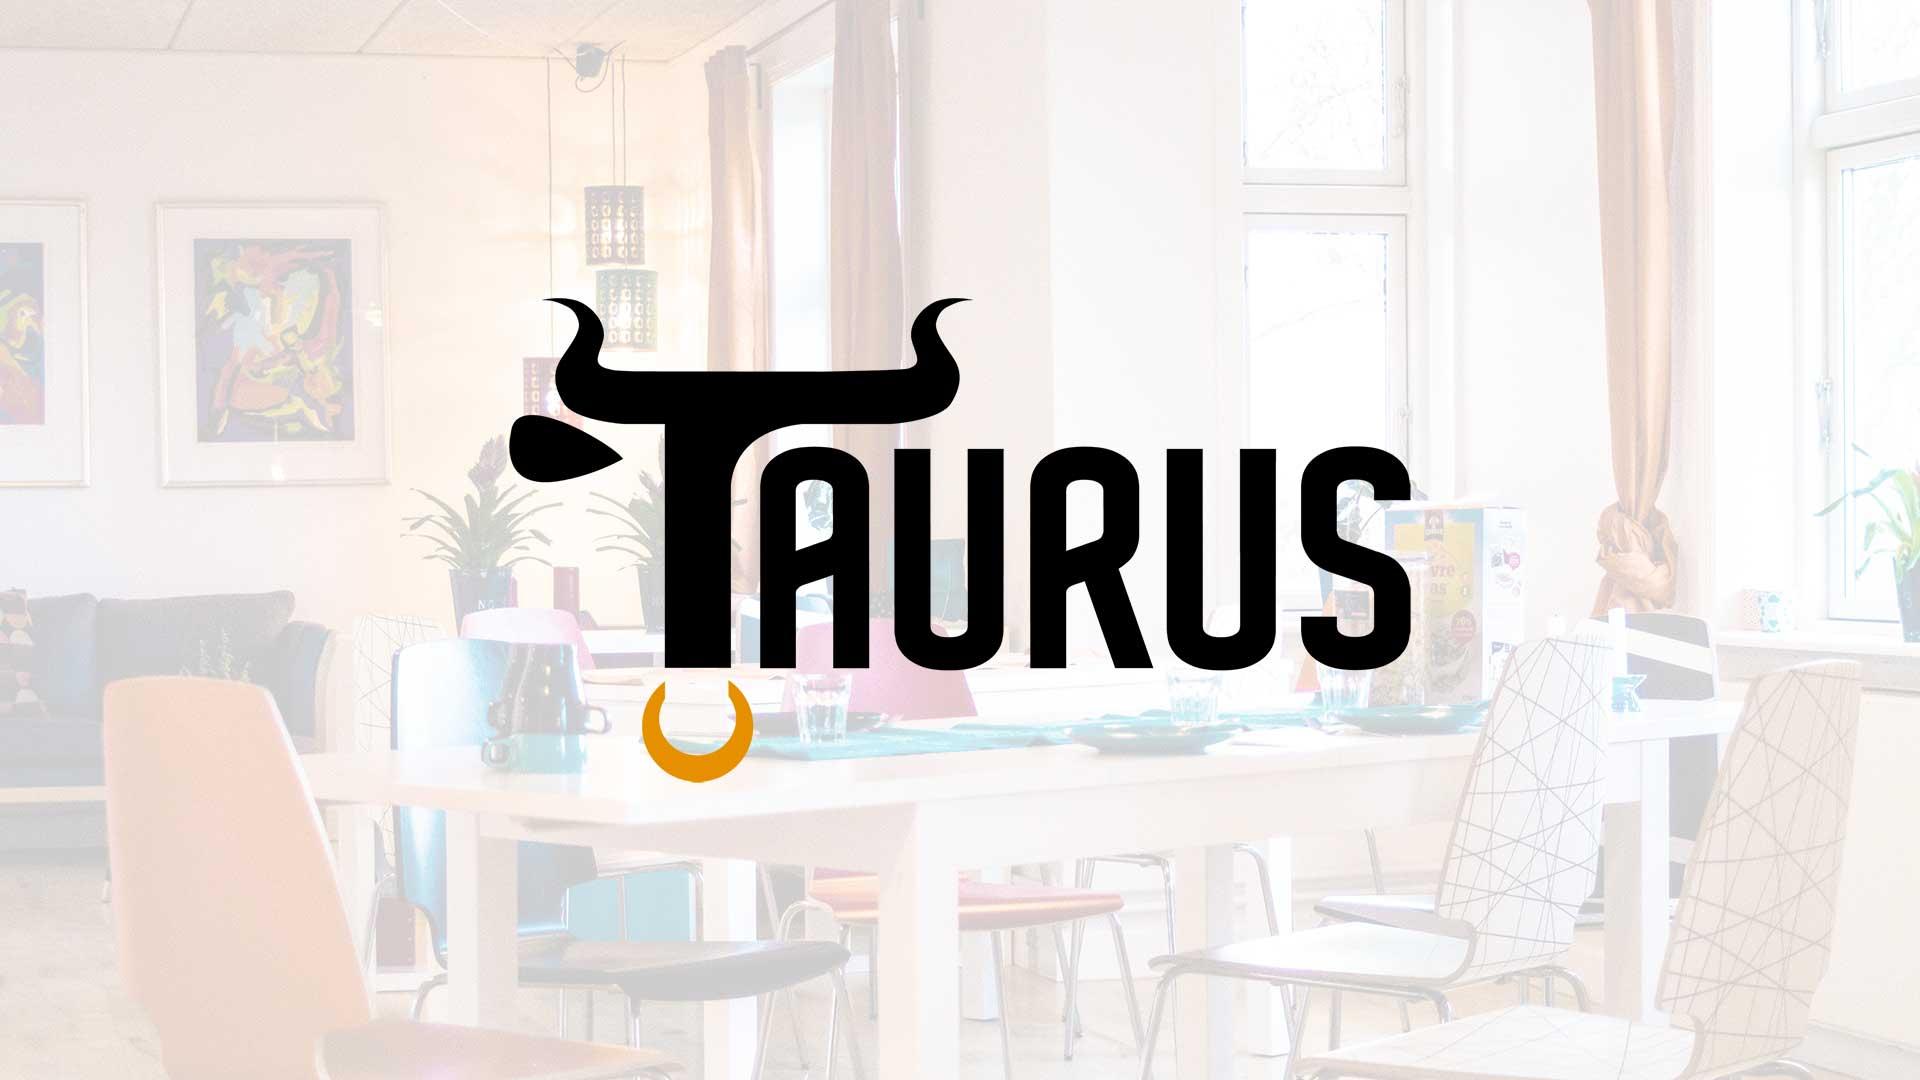 Opholdsstedet Taurus